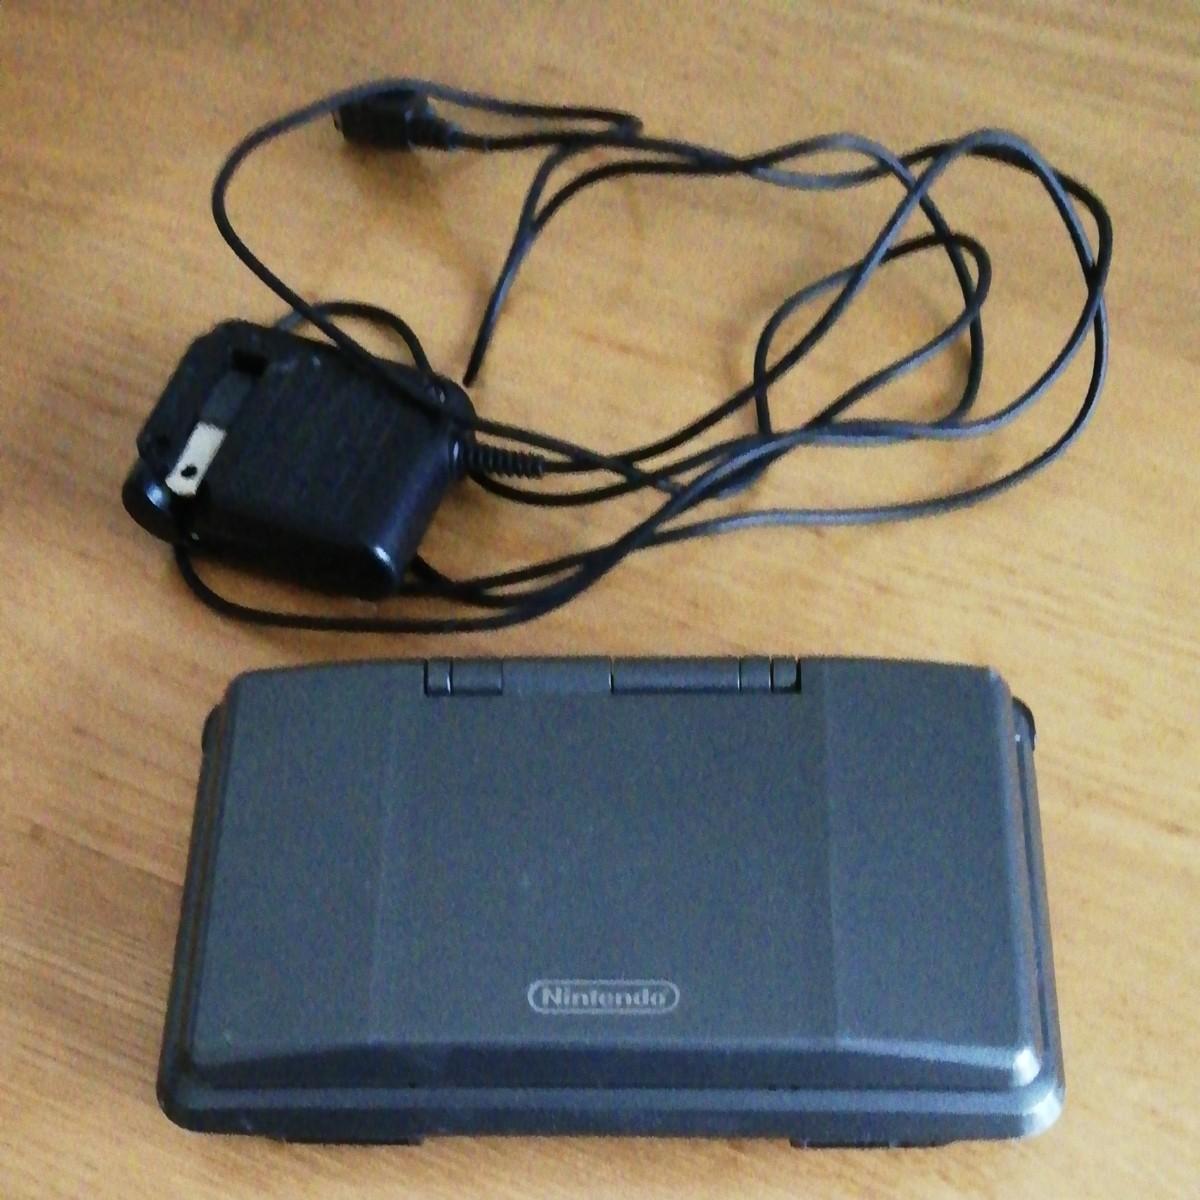 値下げ↓ Nintendo  ニンテンドーDS 初代 任天堂 充電器